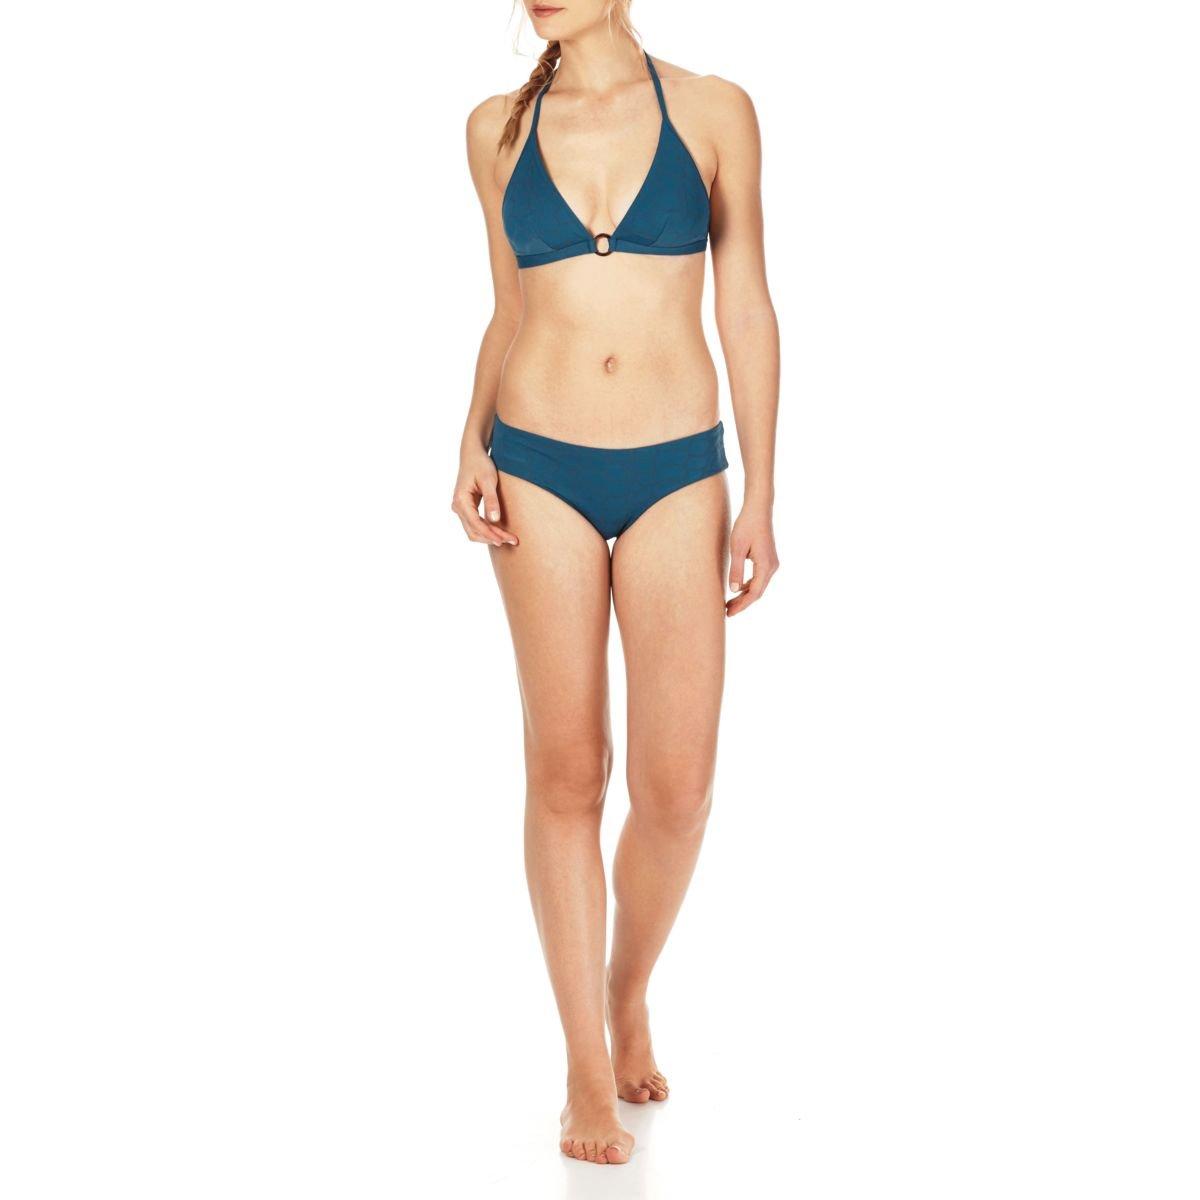 Vilebrequin - Turtles Scales Bikinihose mit guter Bedeckung für Damen B07BMC8WCM Bikinihosen Liste der Explosionen